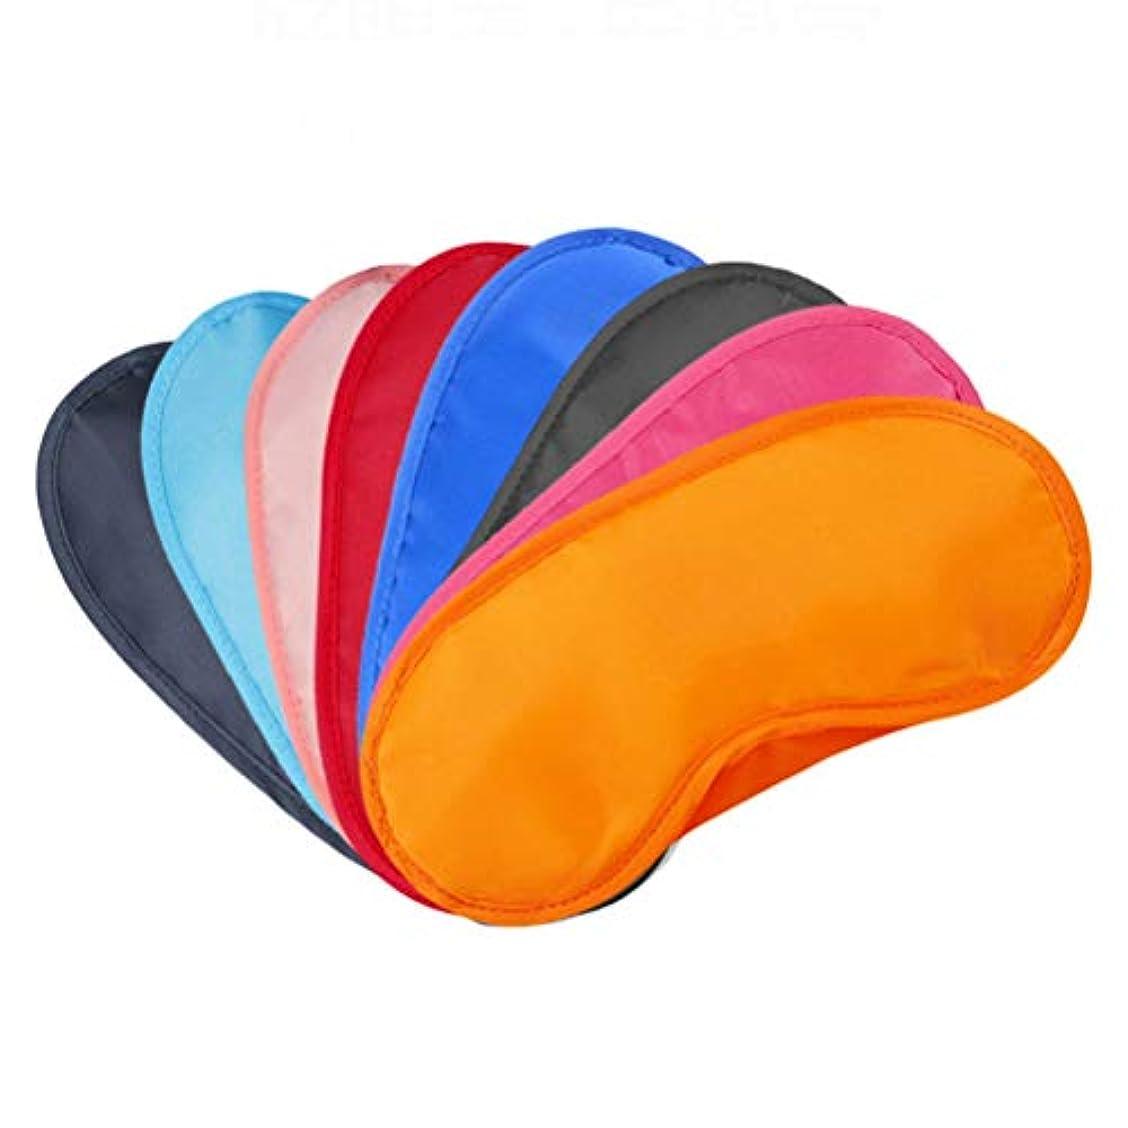 ビリー臨検テセウスLurrose 30ピースコットンアイスリーピングマスクレストアイマスク目隠し旅行用睡眠補助剤(混色)